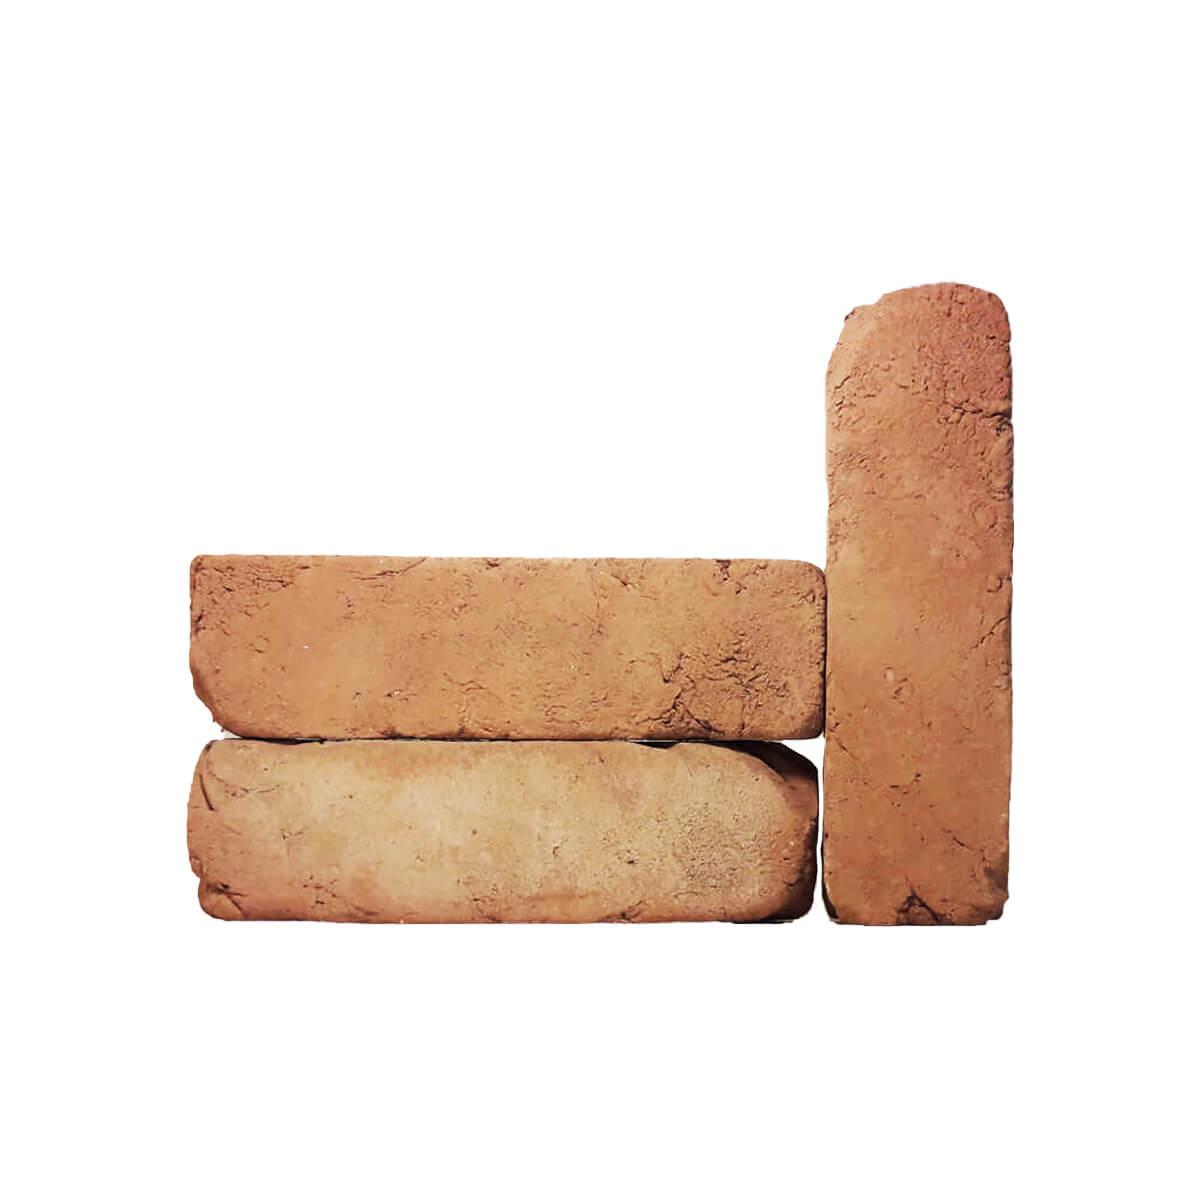 آجر نما قزاقی پلاک 5/5 روستیک 3/5 * 5/5 * 20